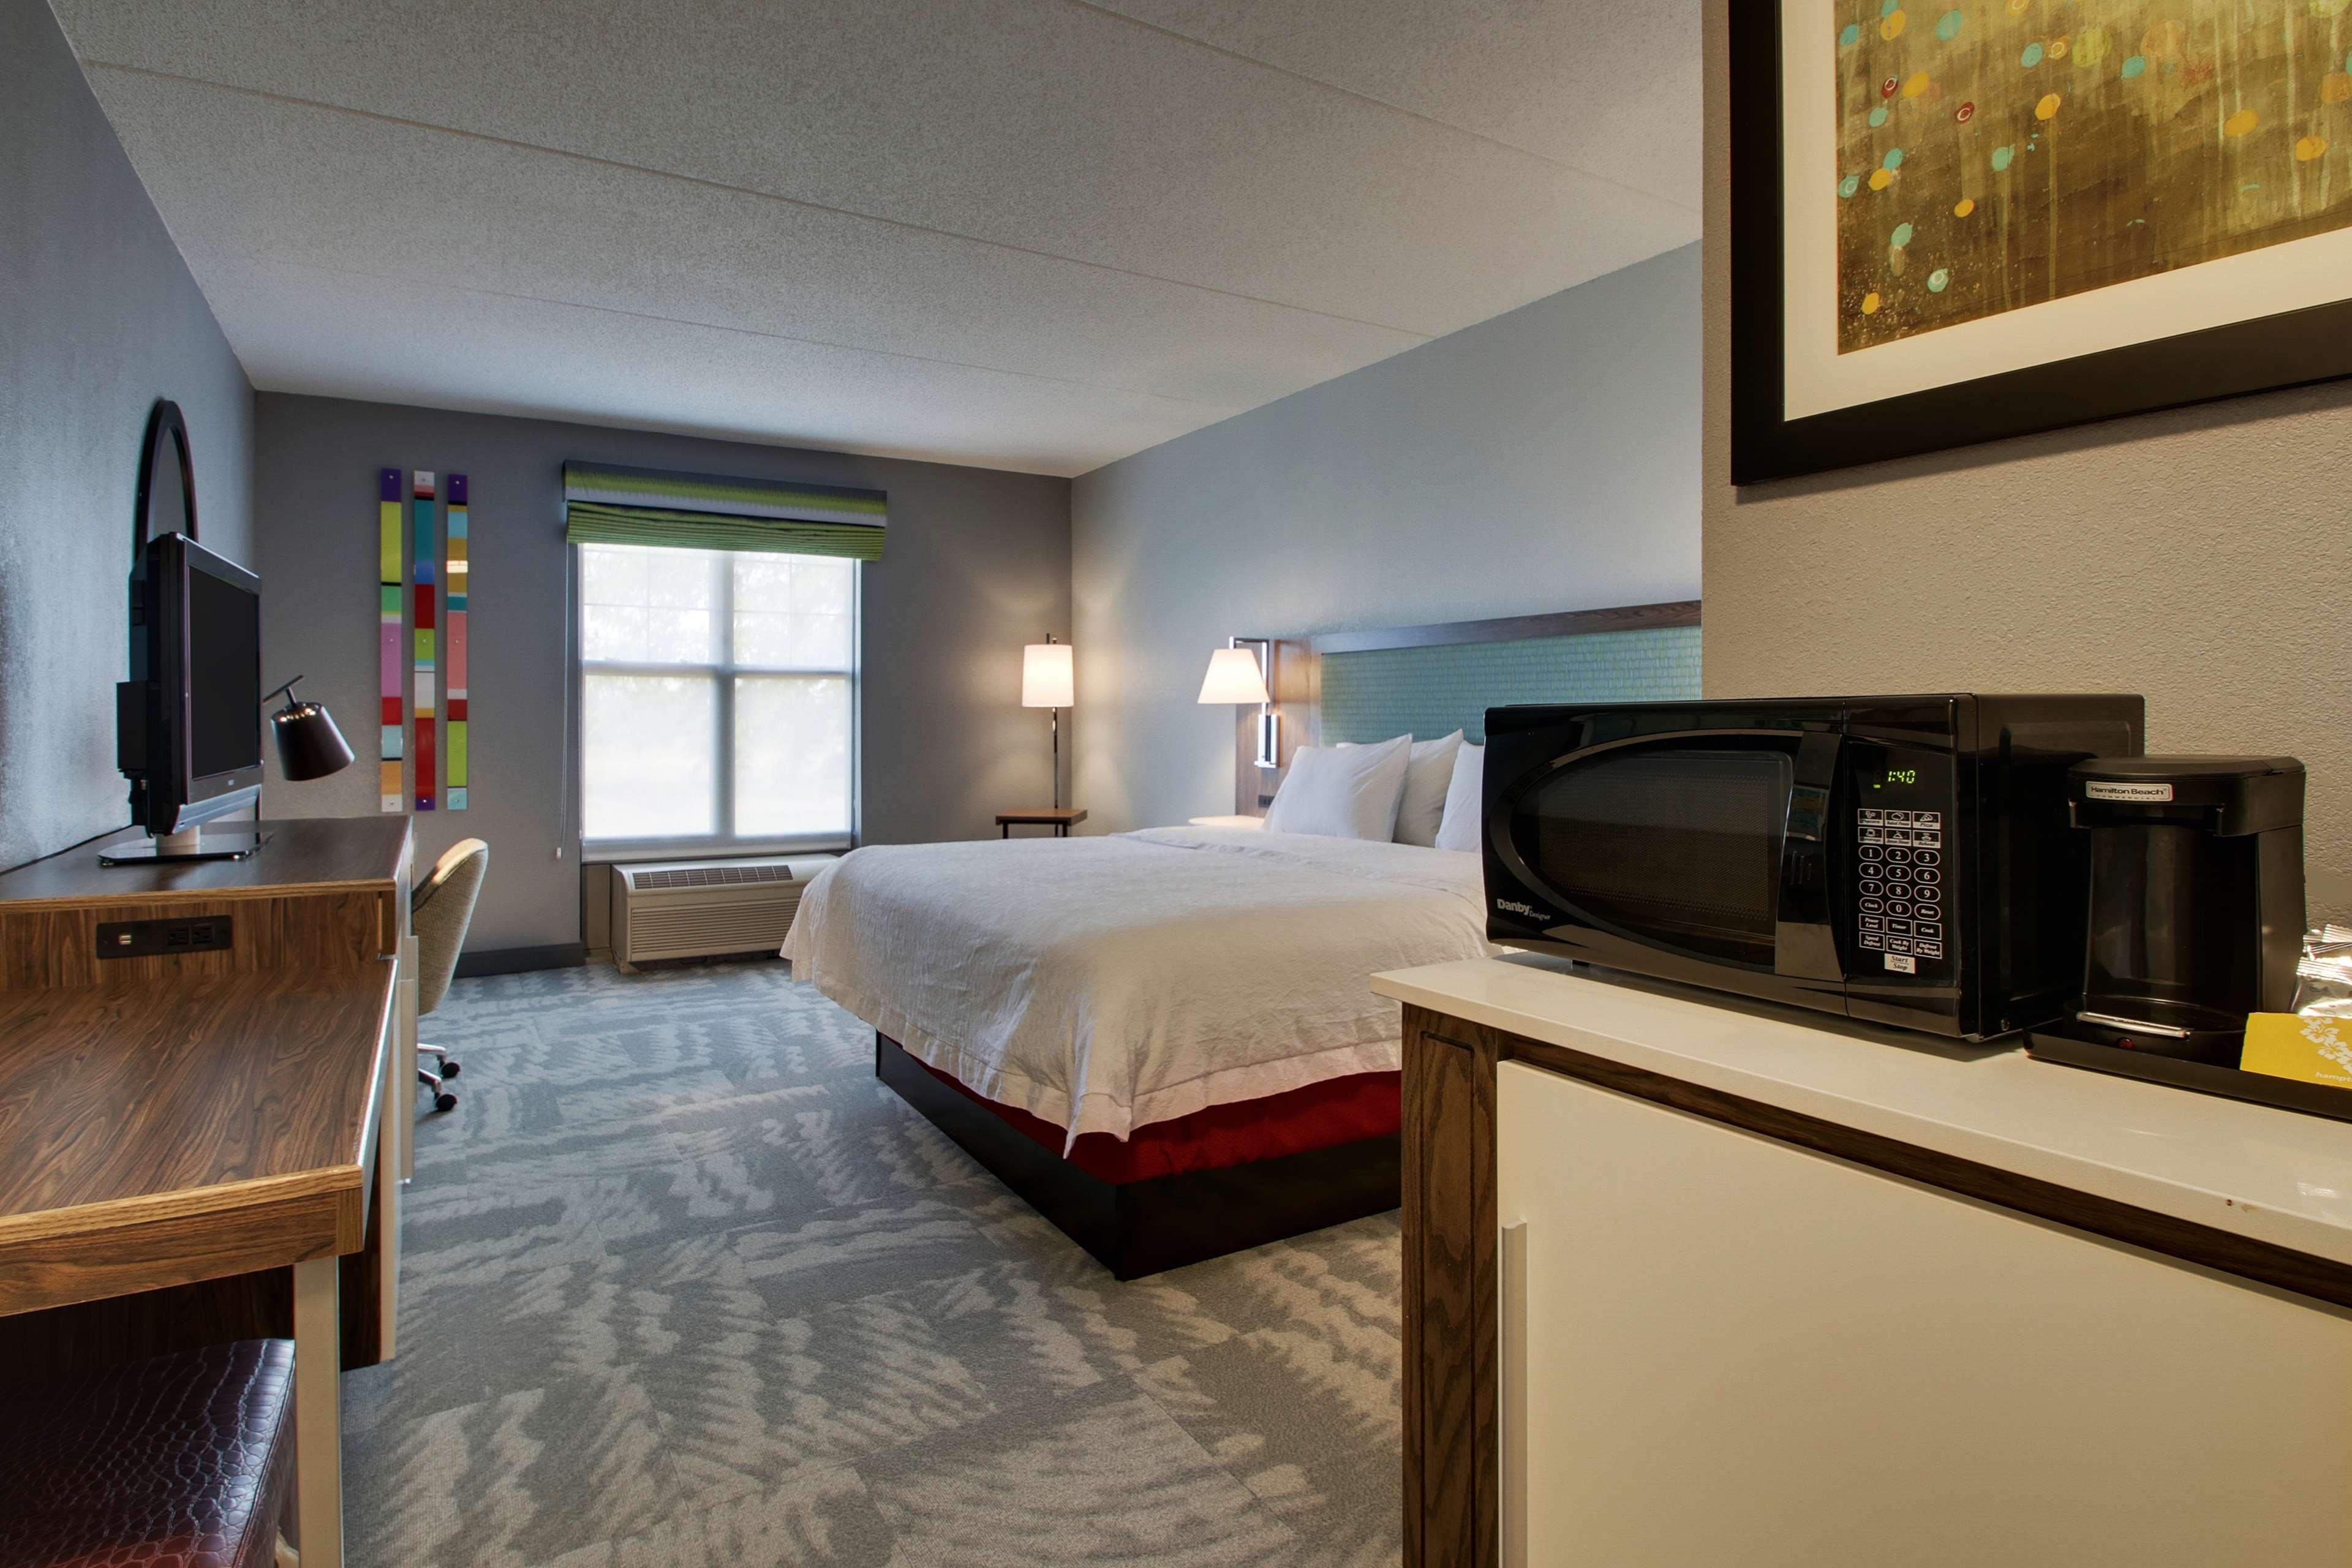 Hampton Inn & Suites Chicago/Aurora image 28